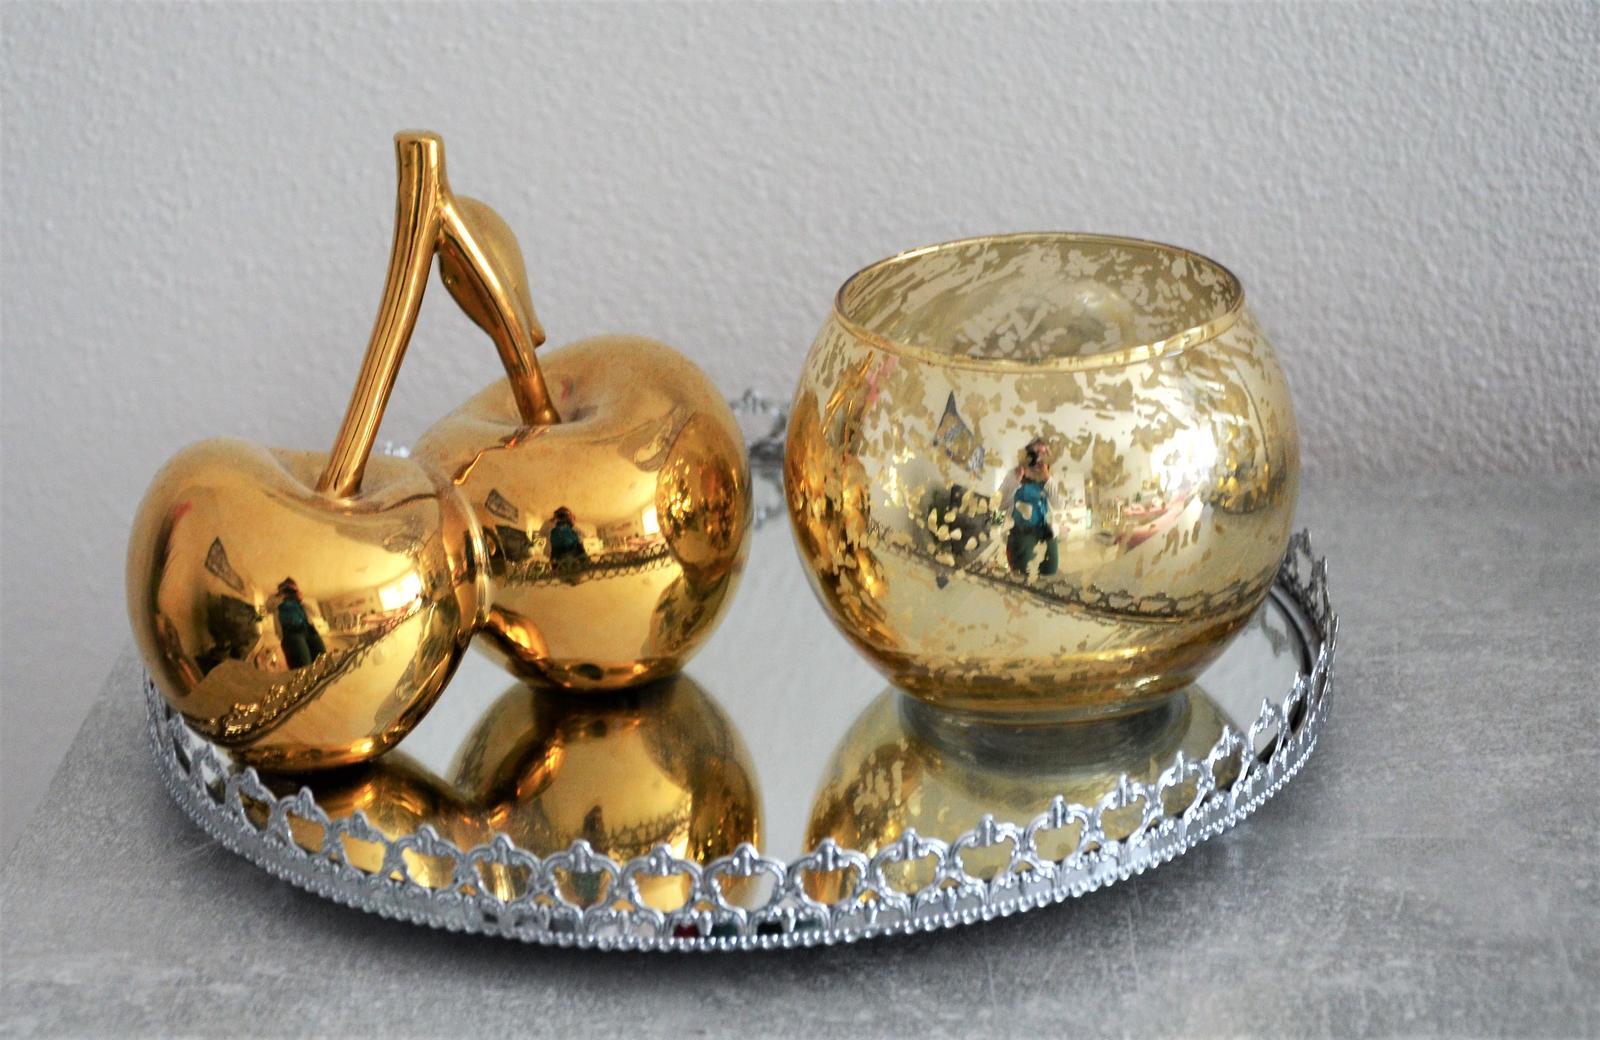 zlatý svietnik - Obrázok č. 1